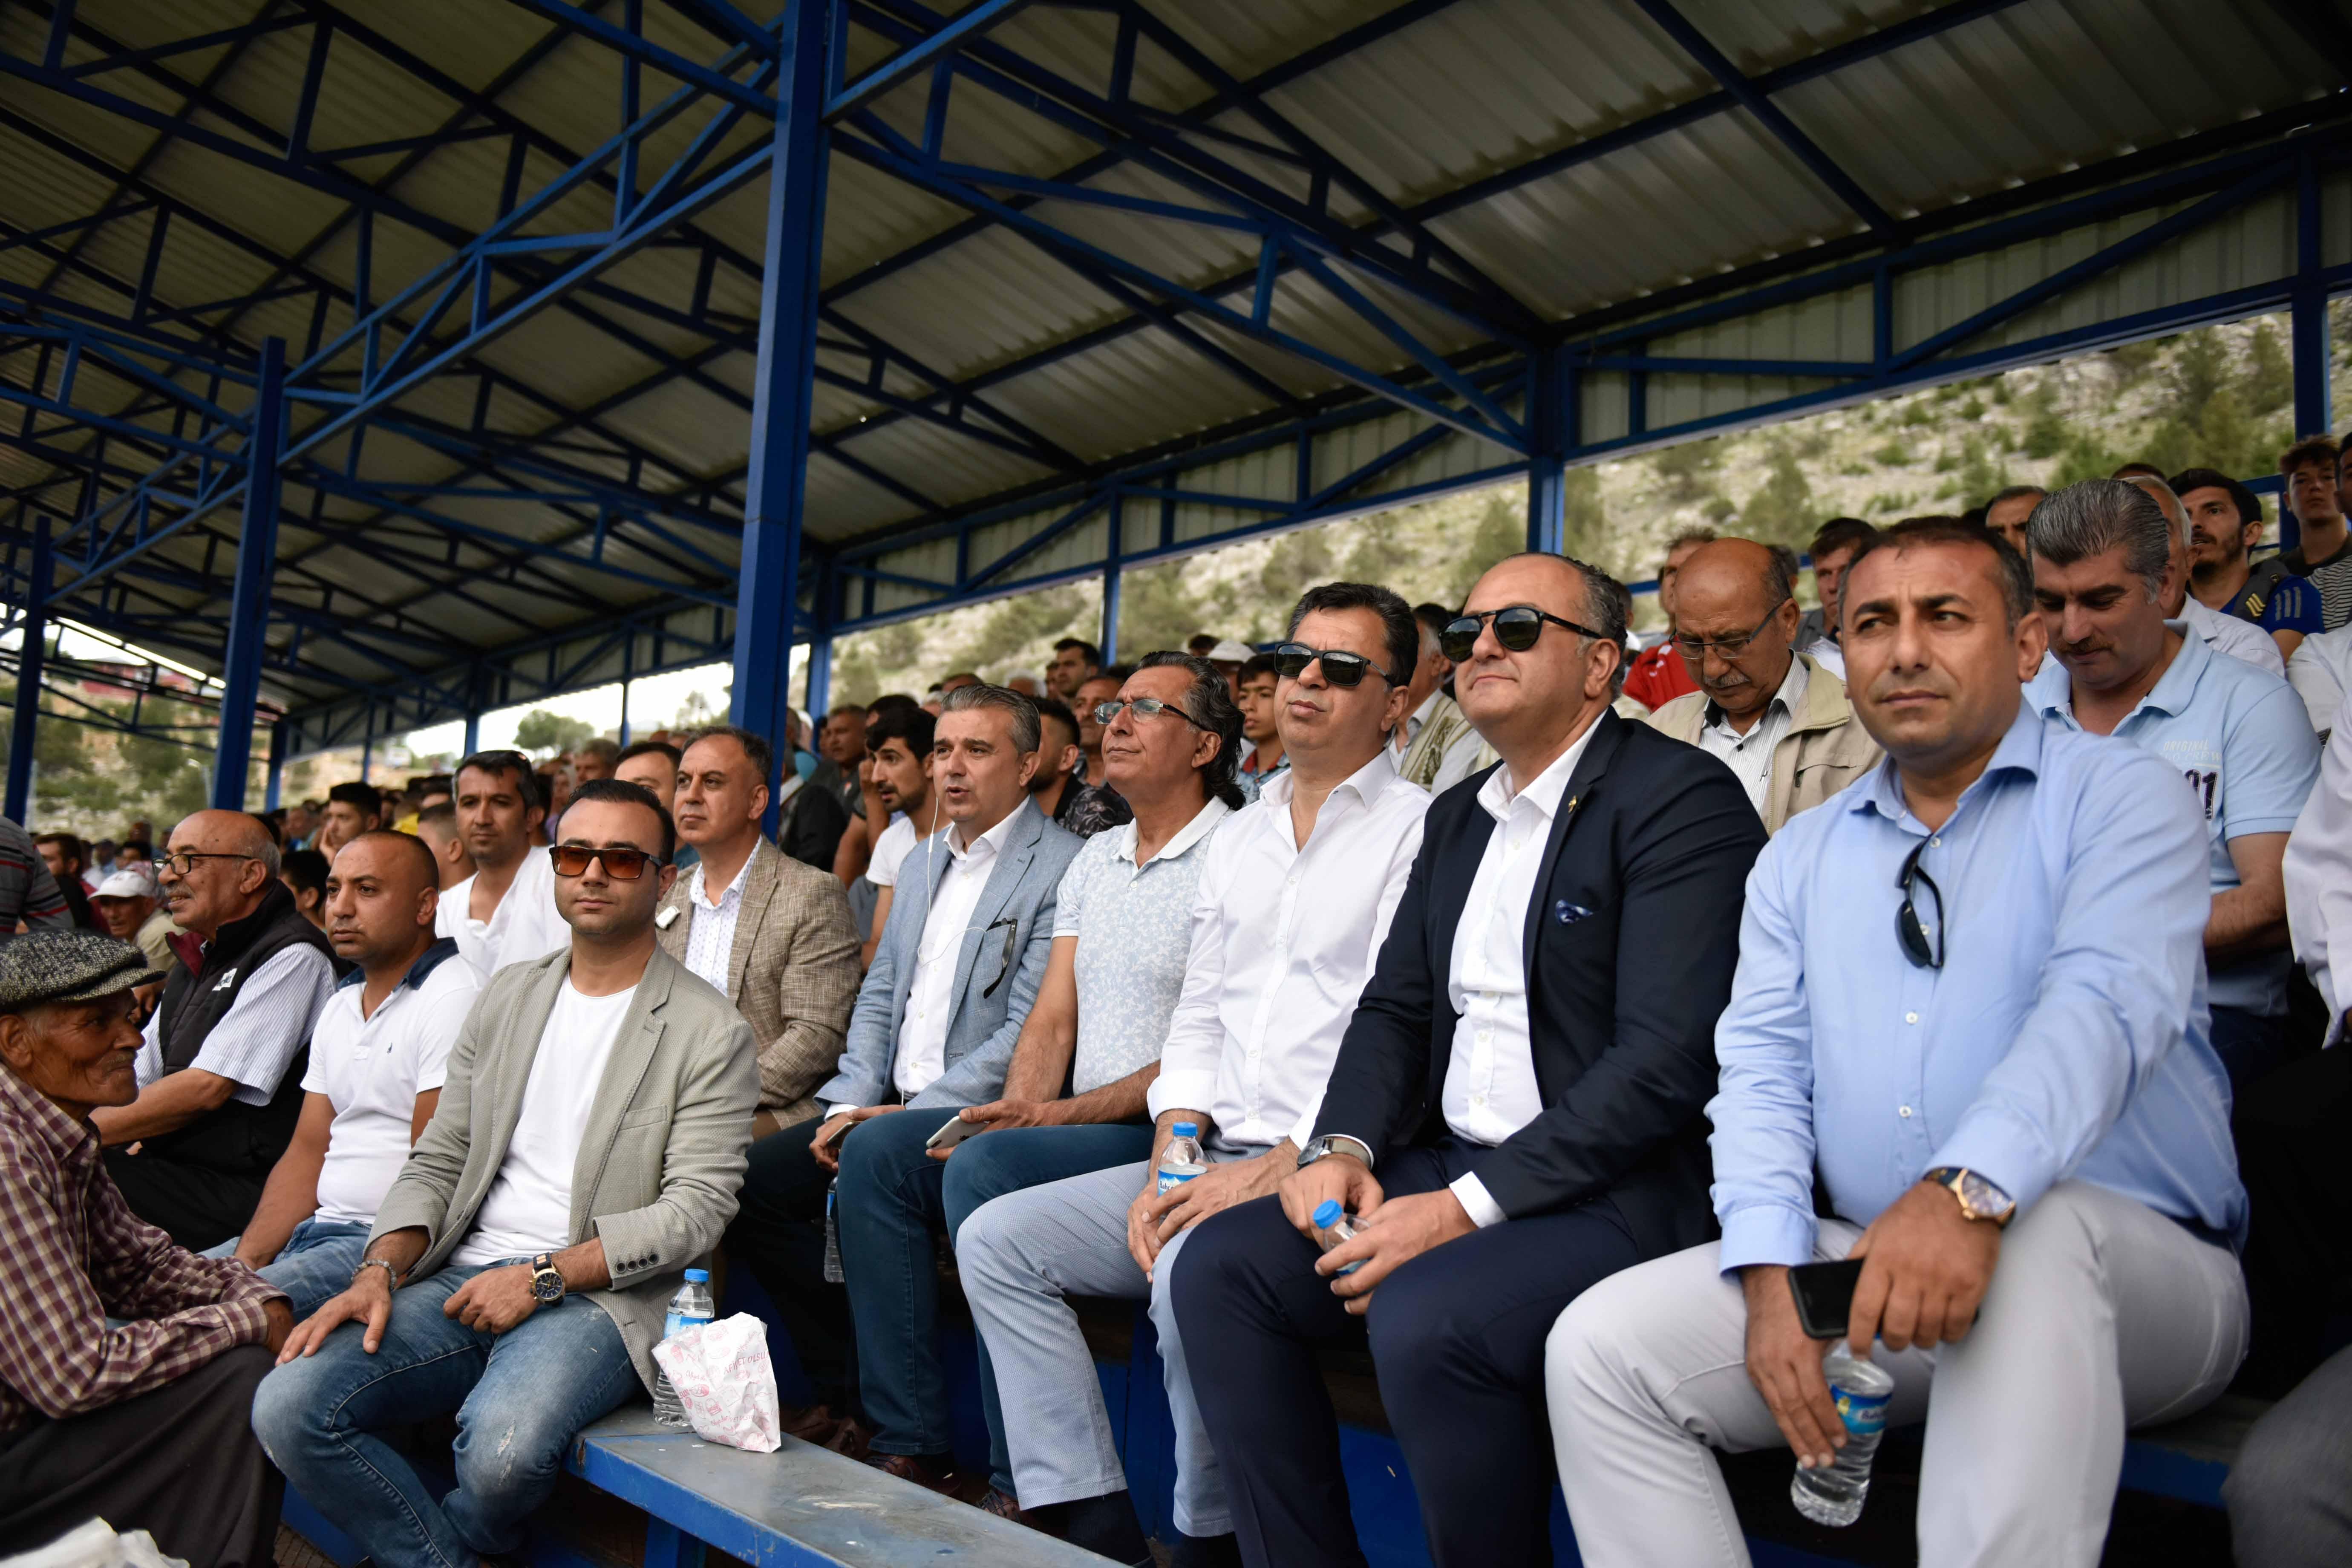 Kızıldağ Yaylası'nda futbol şöleni